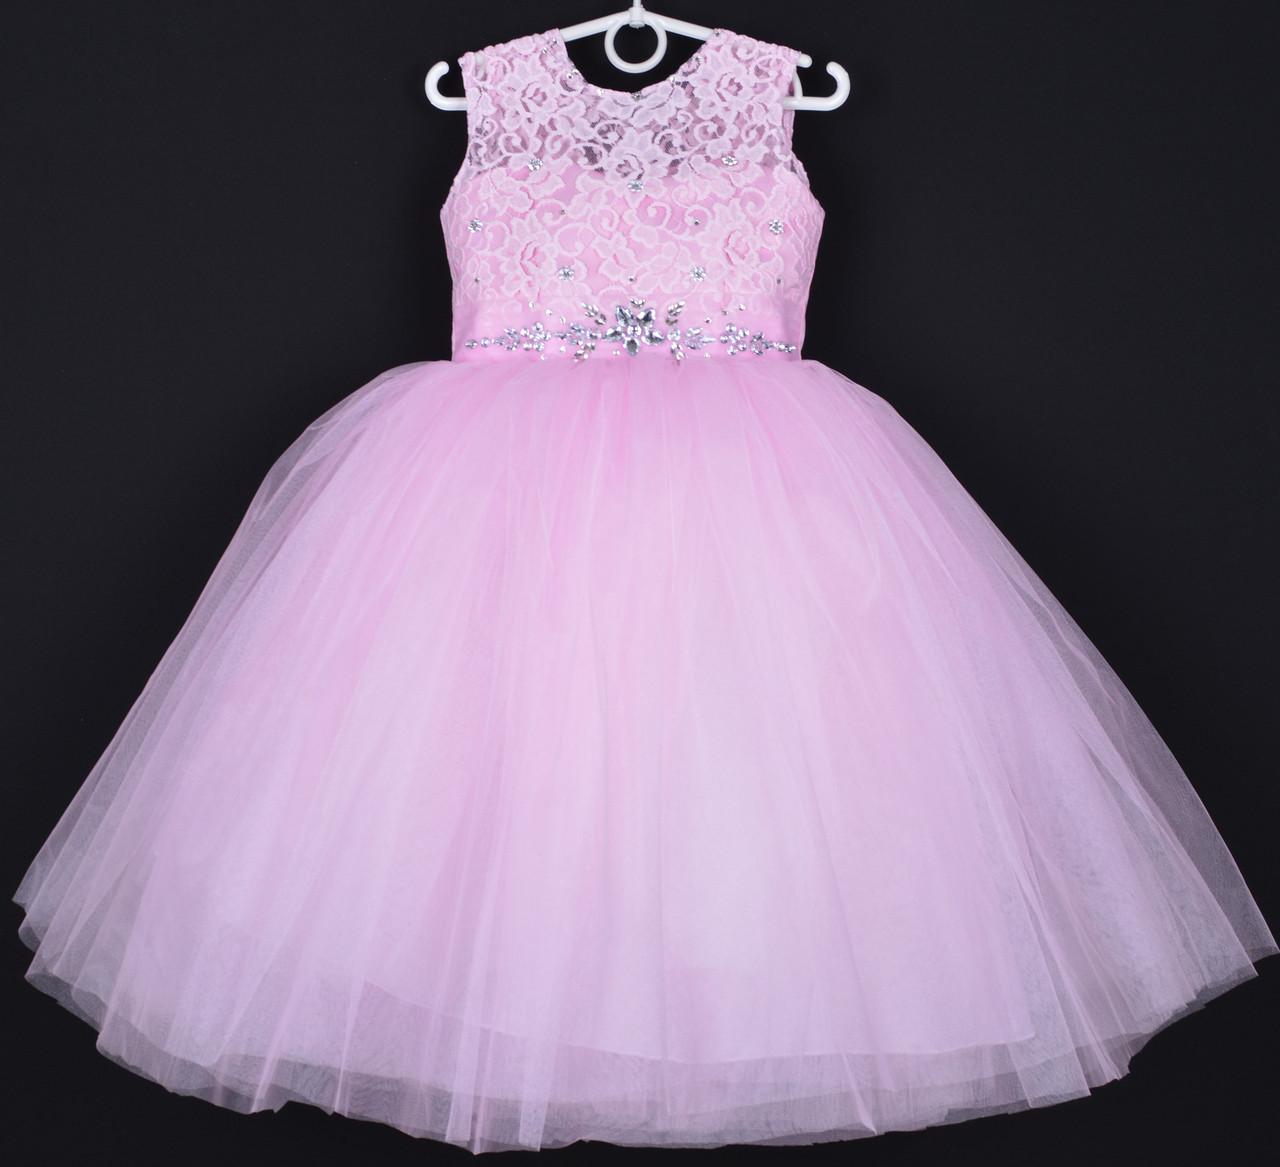 """Платье нарядное детское """"Диадема"""". 5-6  лет. Розовое. Оптом и в розницу"""